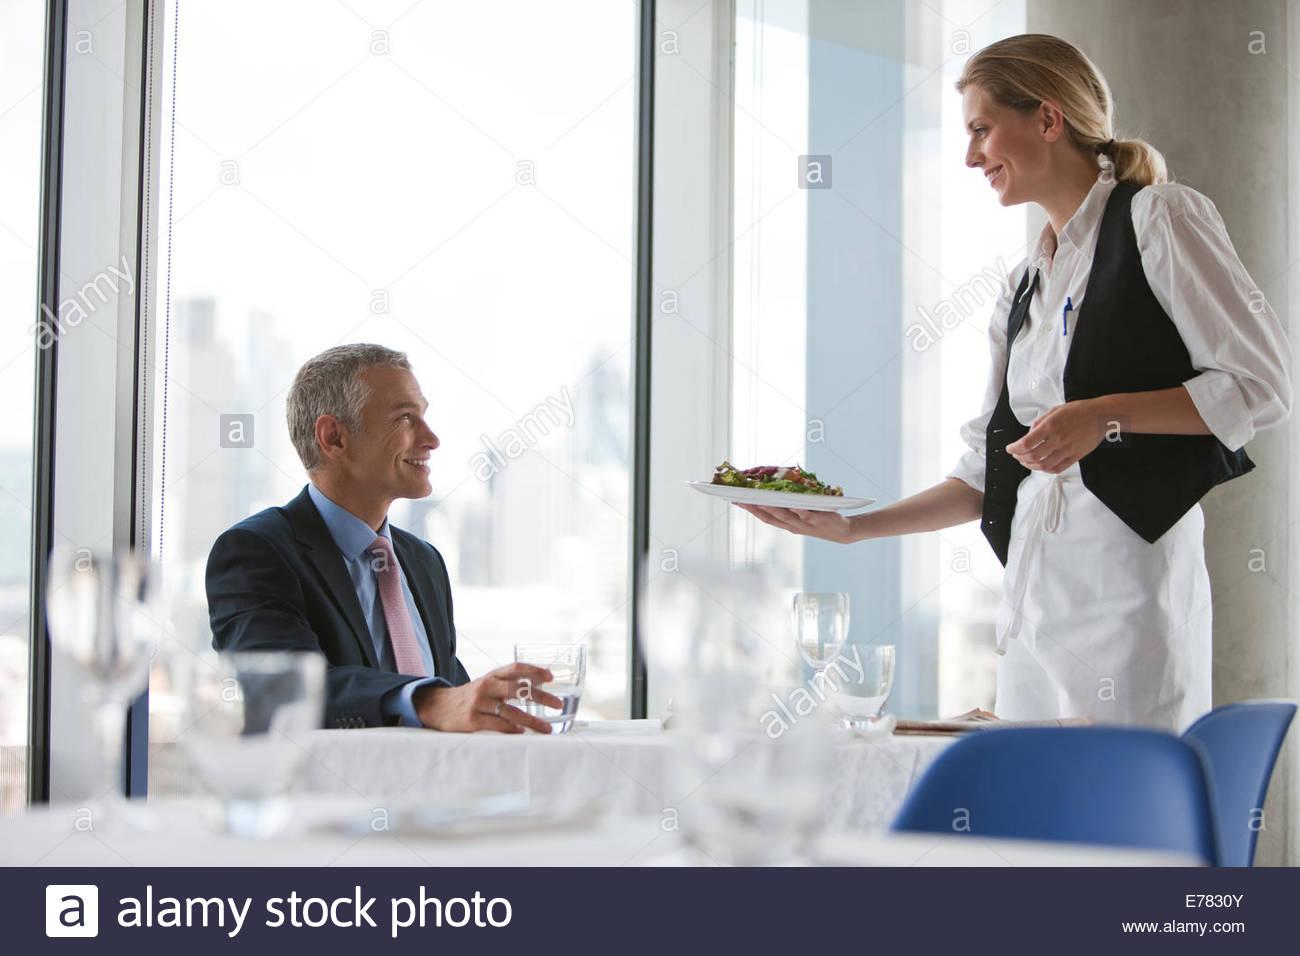 La cameriera che serve pasti a imprenditore nel ristorante Immagini Stock